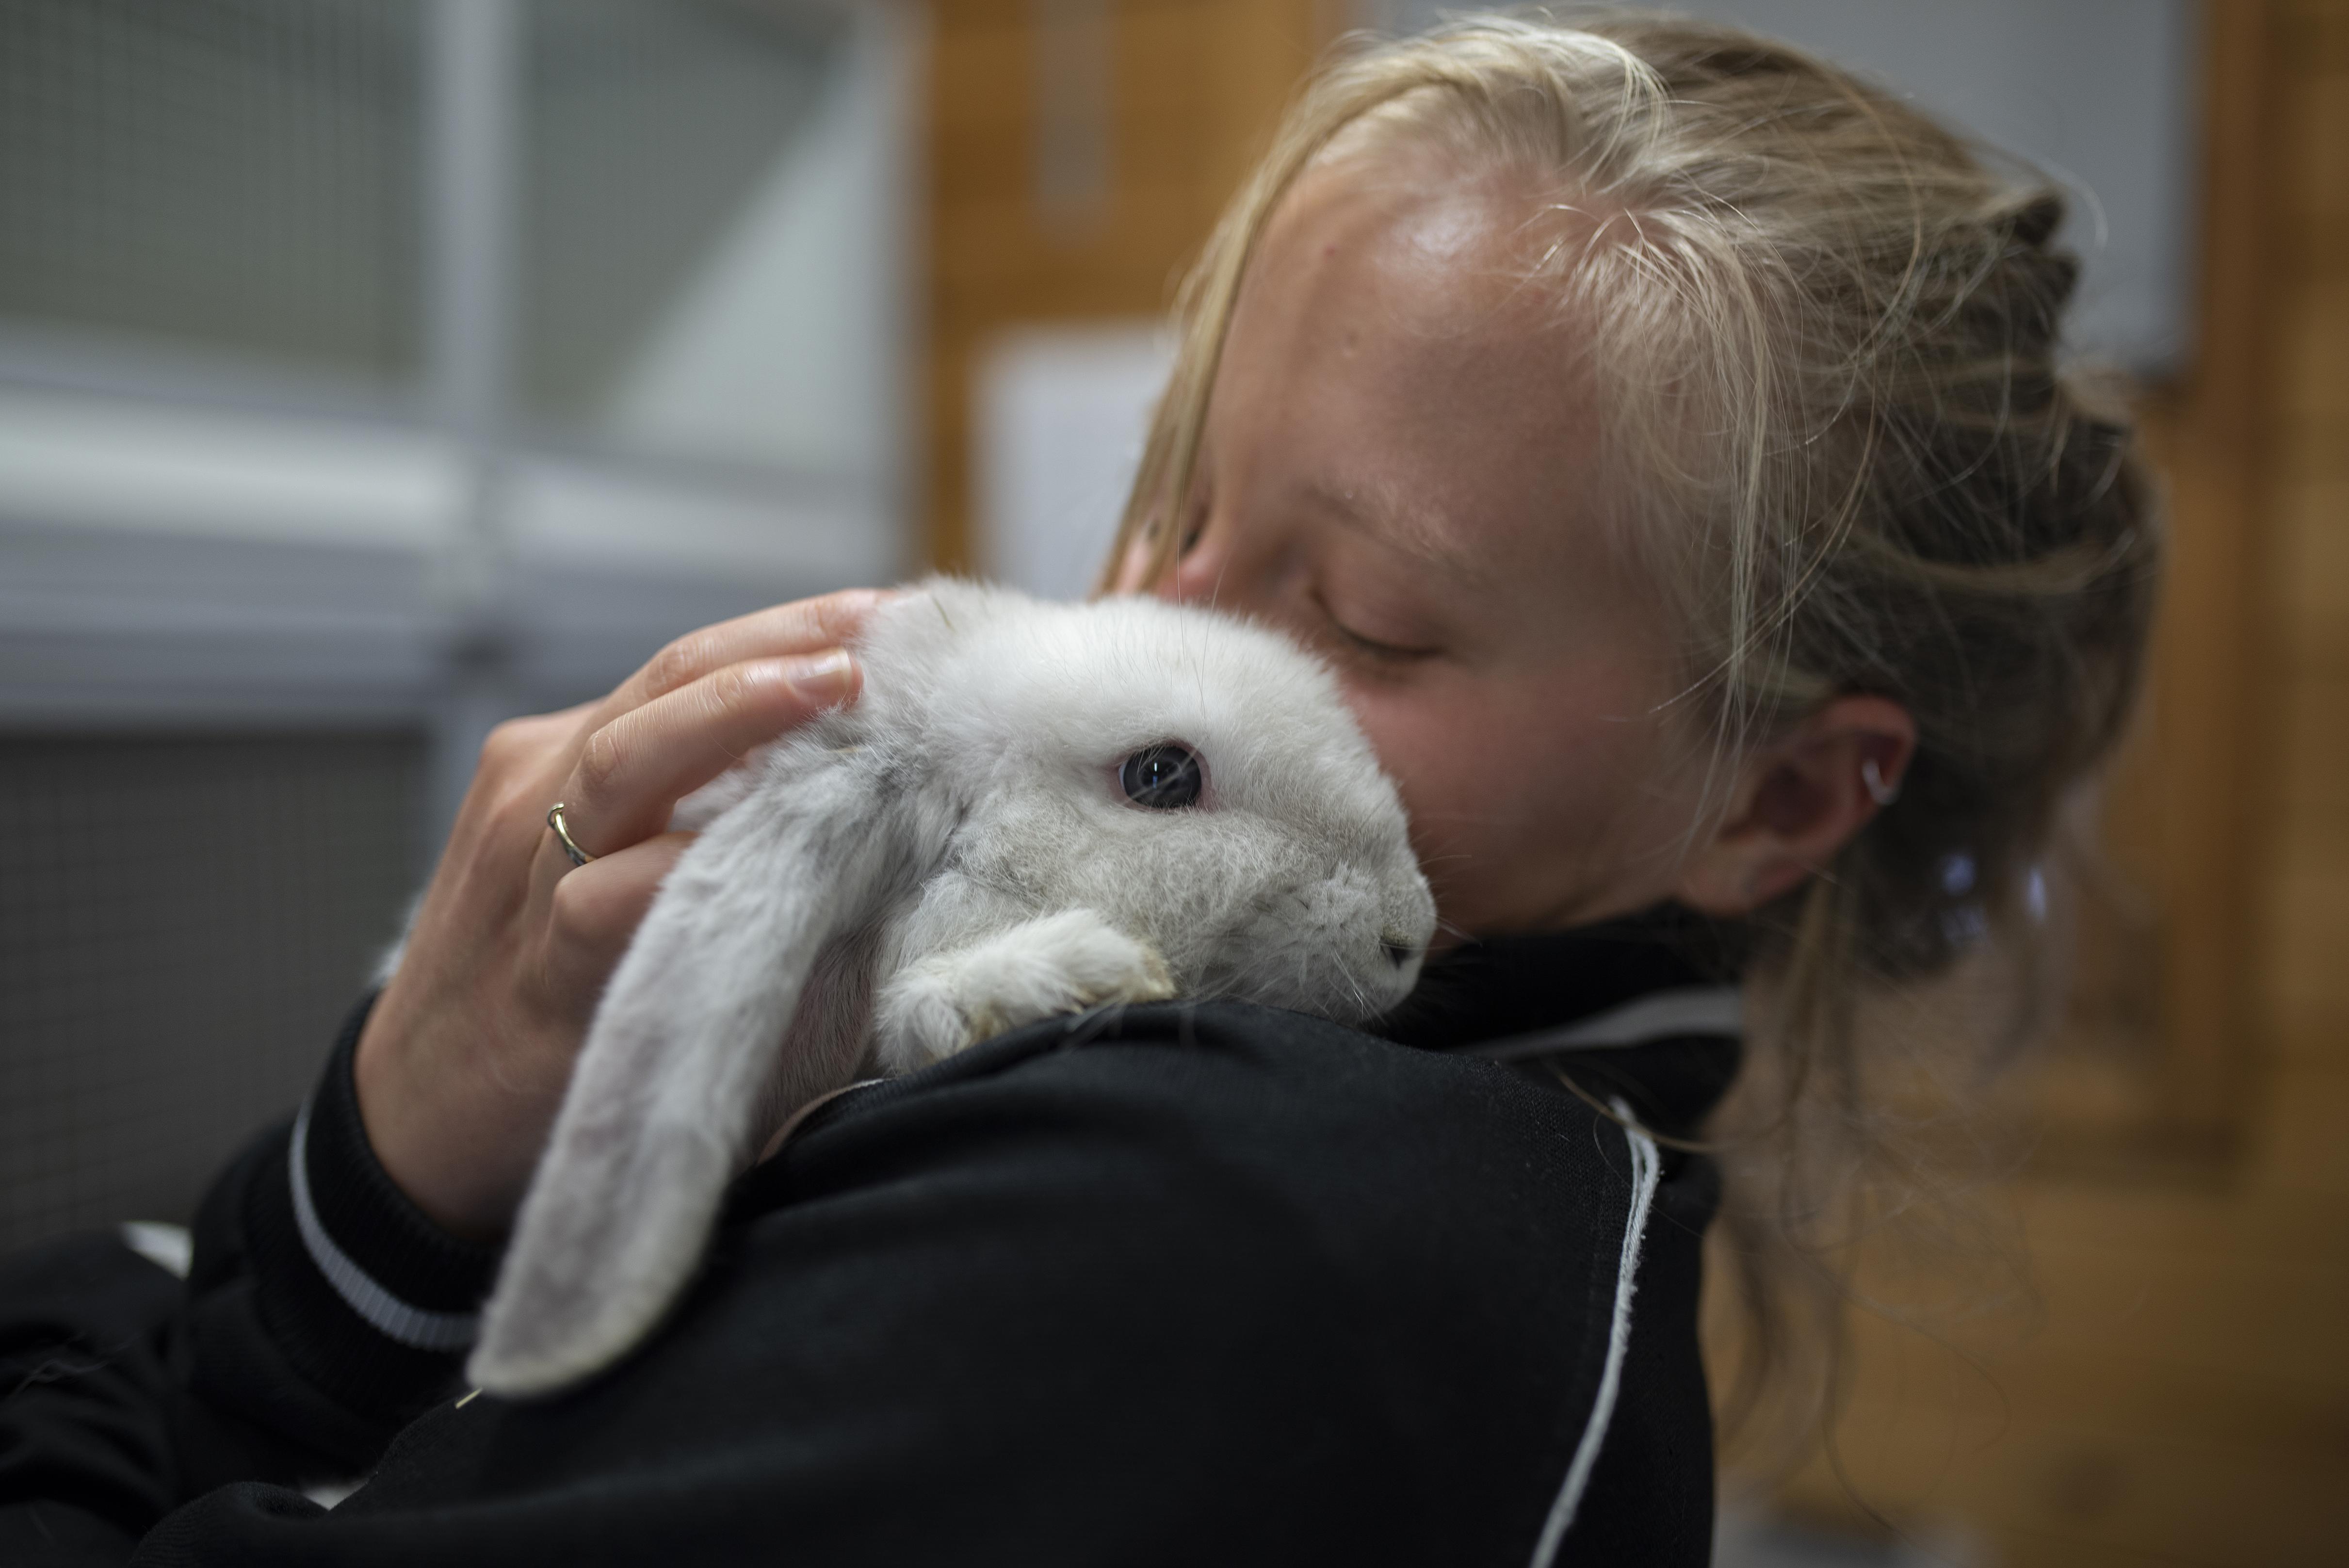 4 oktober is dierendag, maar veel dieren zitten zonder baasje. Het Kerbert Dierentehuis en Knaagdierencentrum in IJmuiden stomen verwaarloosde dieren liefdevol klaar voor adoptie